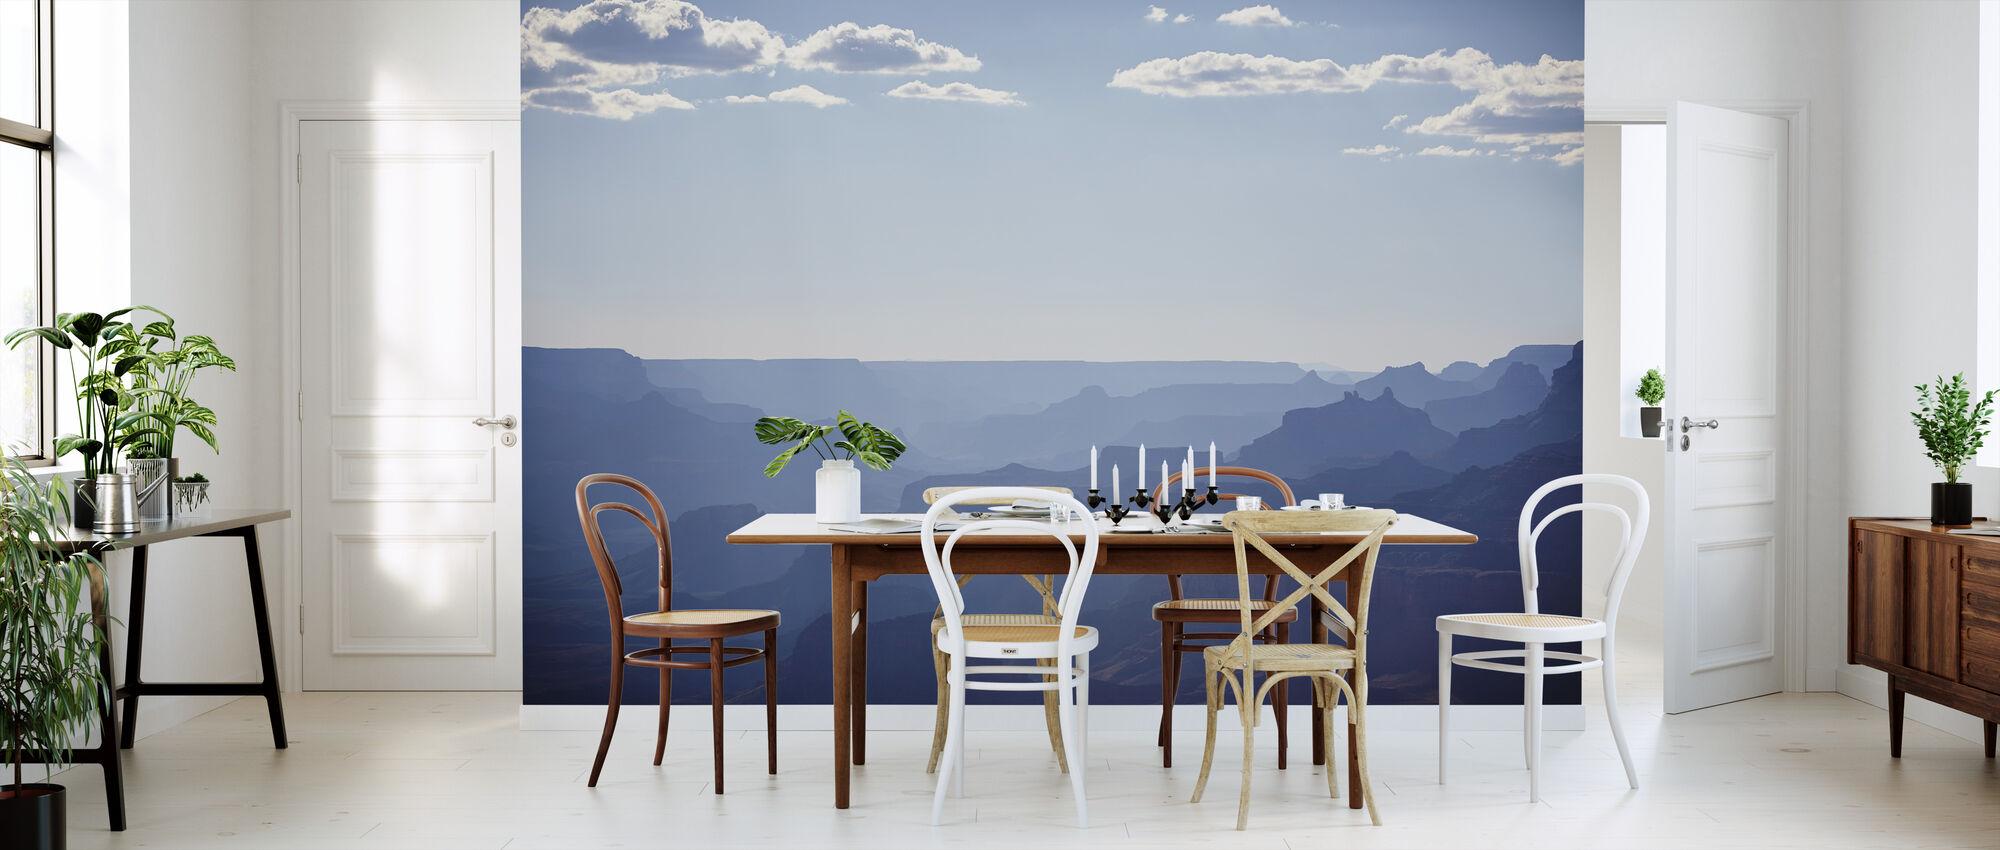 Utsikt over Blue Grand Canyon - Tapet - Kjøkken